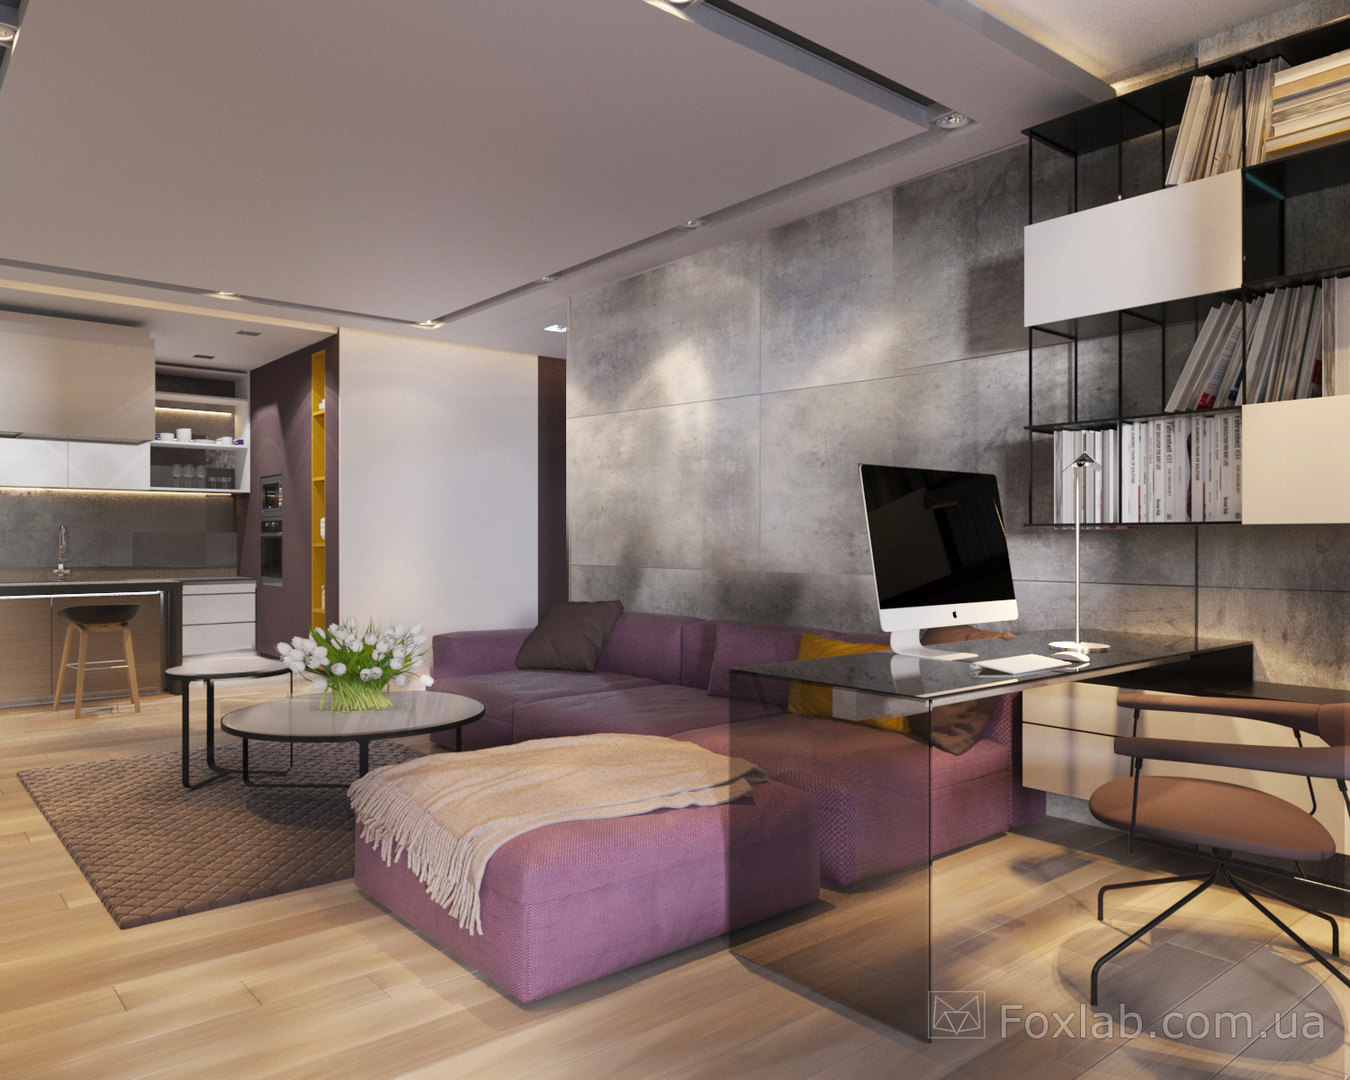 interior_design_kiev_studio (20).jpg